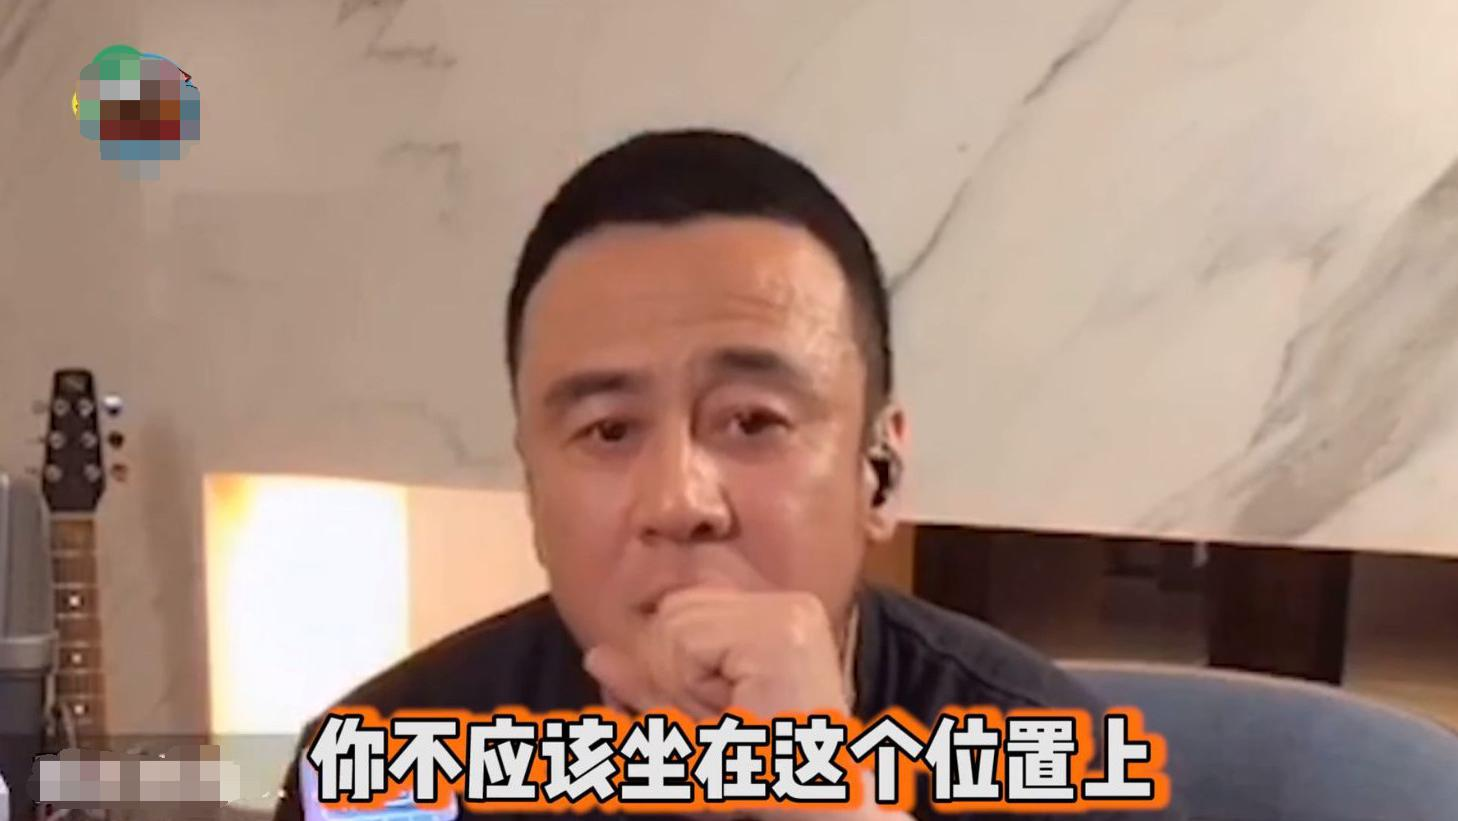 杨坤DISS丁太升:你没有一点专业素养,不应该坐在这个位置上